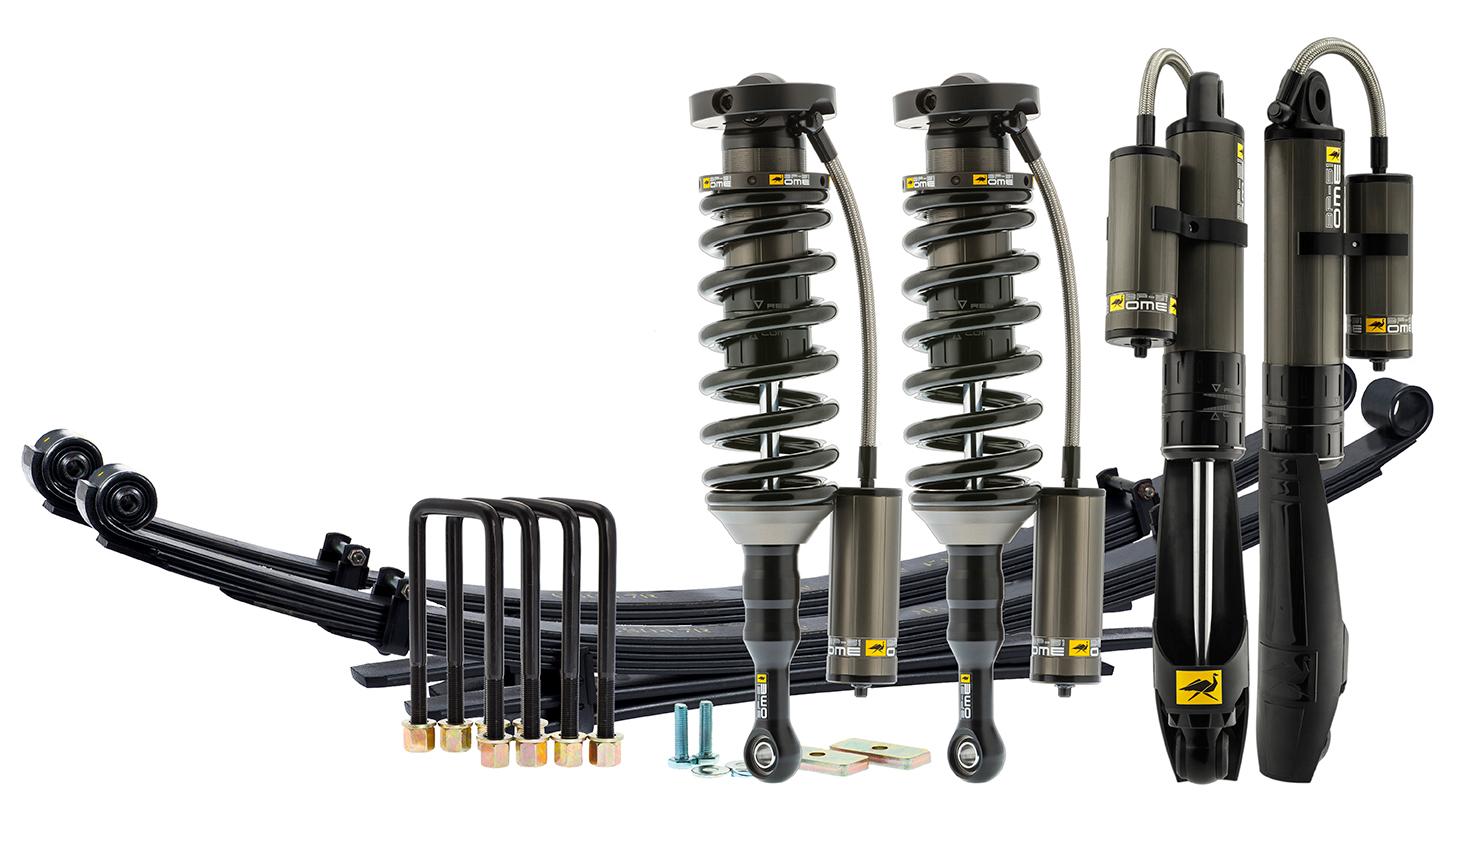 kit du suspension complet bp51 ome pour toyota hilux vigo ome 7972 garage all road village. Black Bedroom Furniture Sets. Home Design Ideas